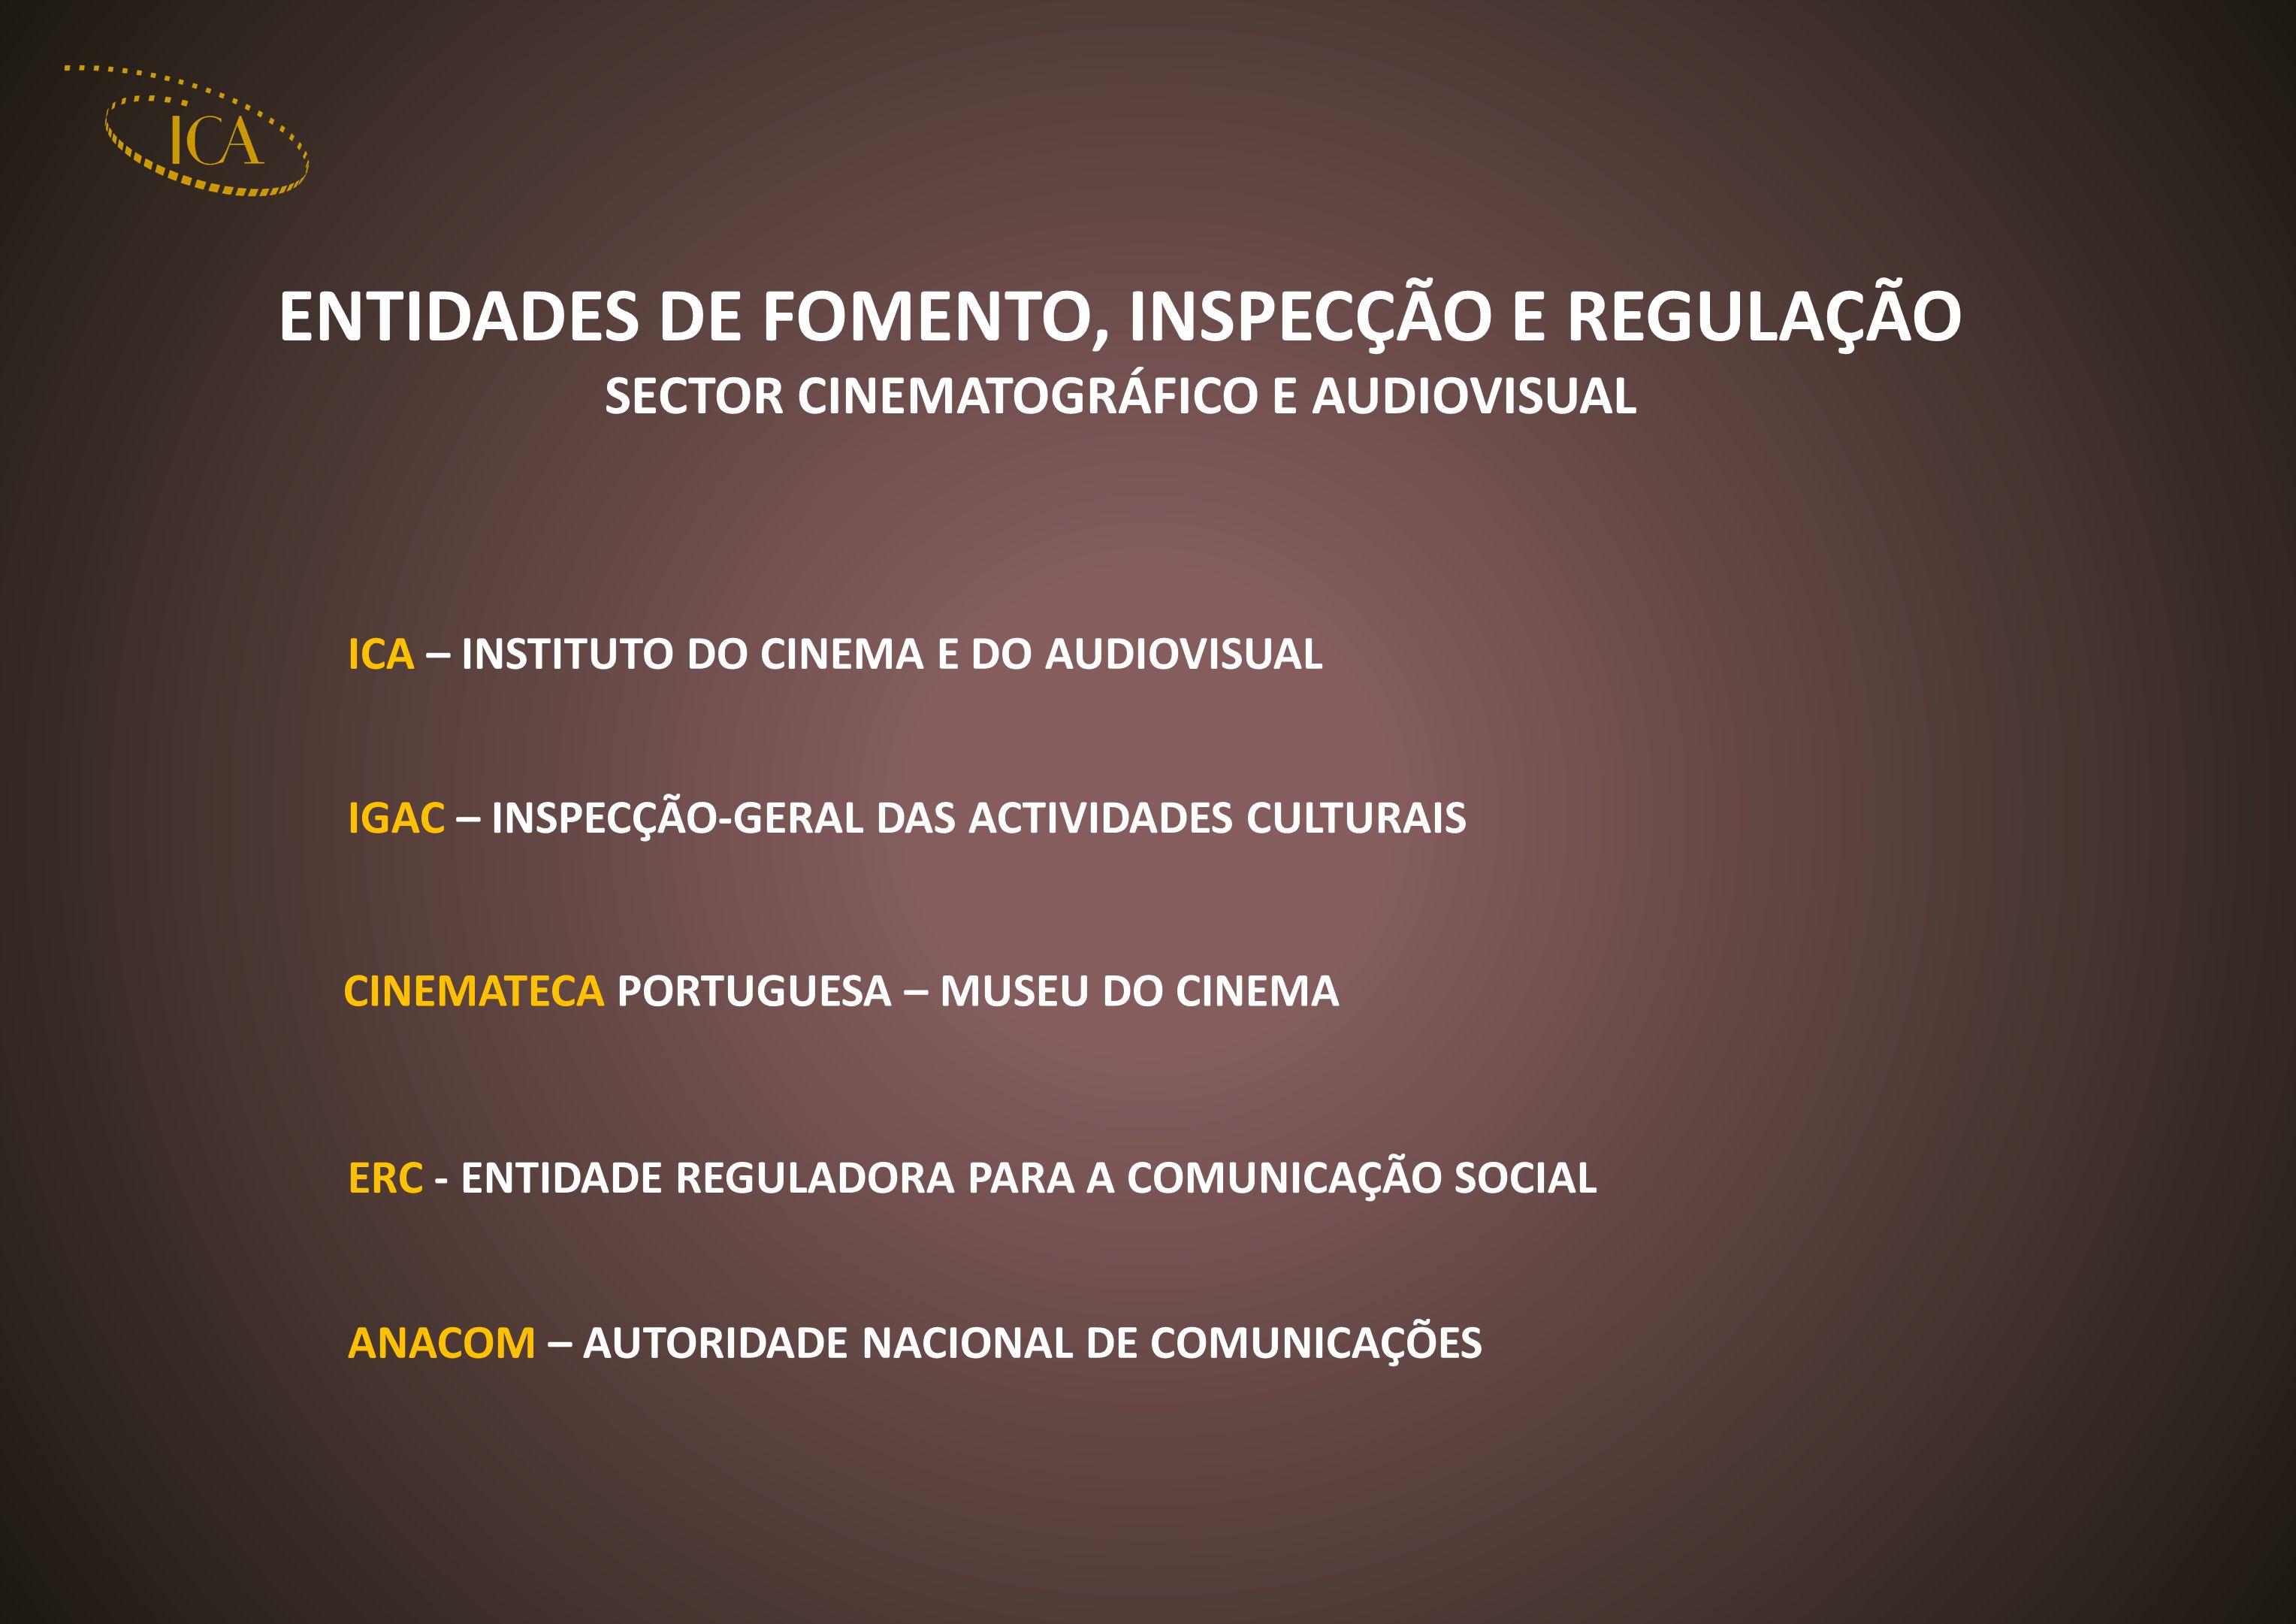 ICA - PROGRAMAS DE APOIO À CRIAÇÃO ESCRITA DE ARGUMENTOS – LONGA METRAGEM DESENVOLVIMENTO DE ANIMAÇÃO DESENVOLVIMENTO DE DOCUMENTÁRIO DESENVLVIMENTO DE LONGA METRAGEM